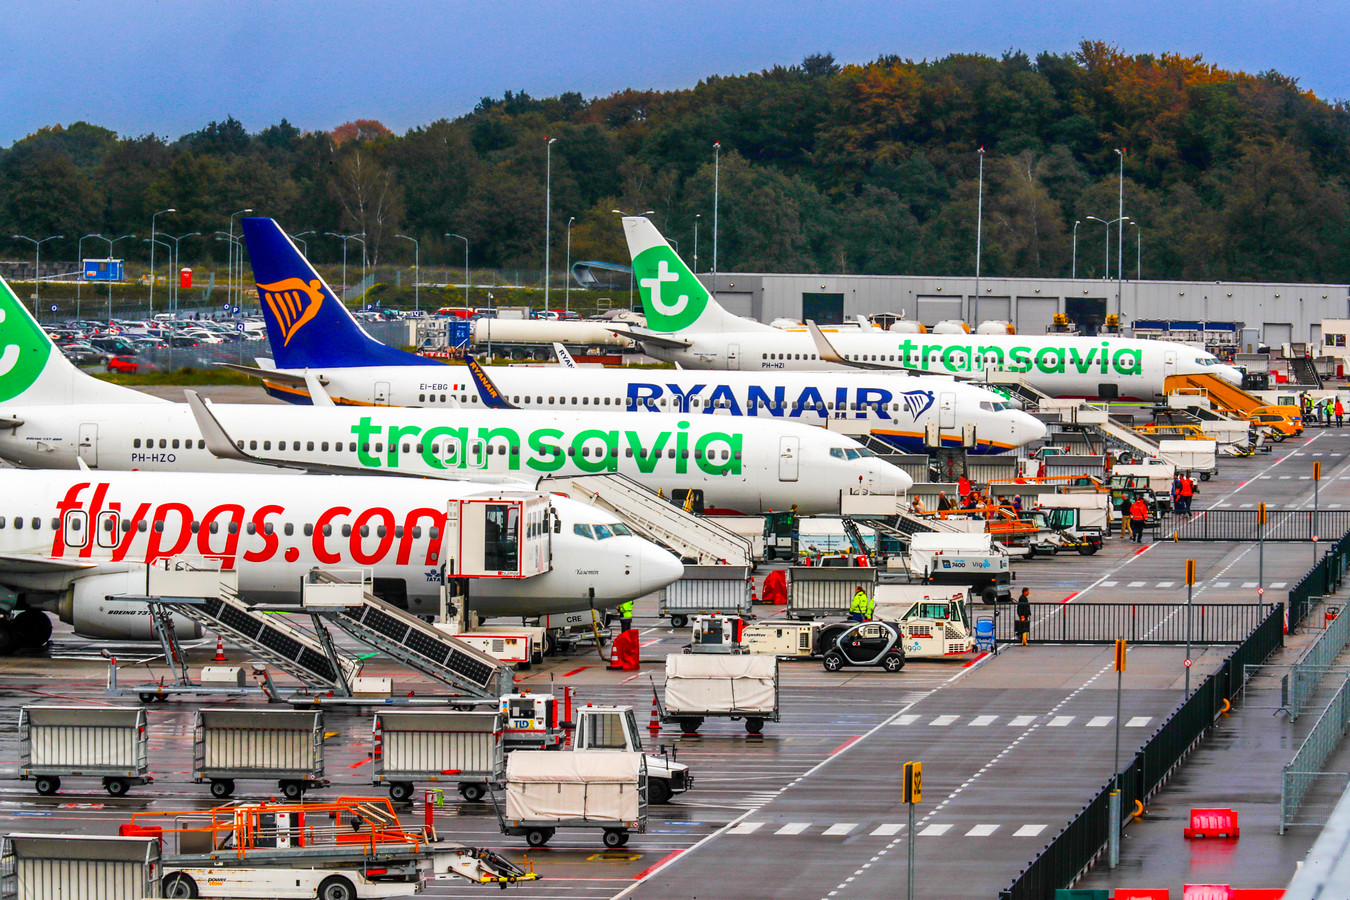 Eindhoven Airport krijgt de natuurbeschermingsvergunning omdat berekeningen aantonen dat de stikstofuitstoot is gedaald.